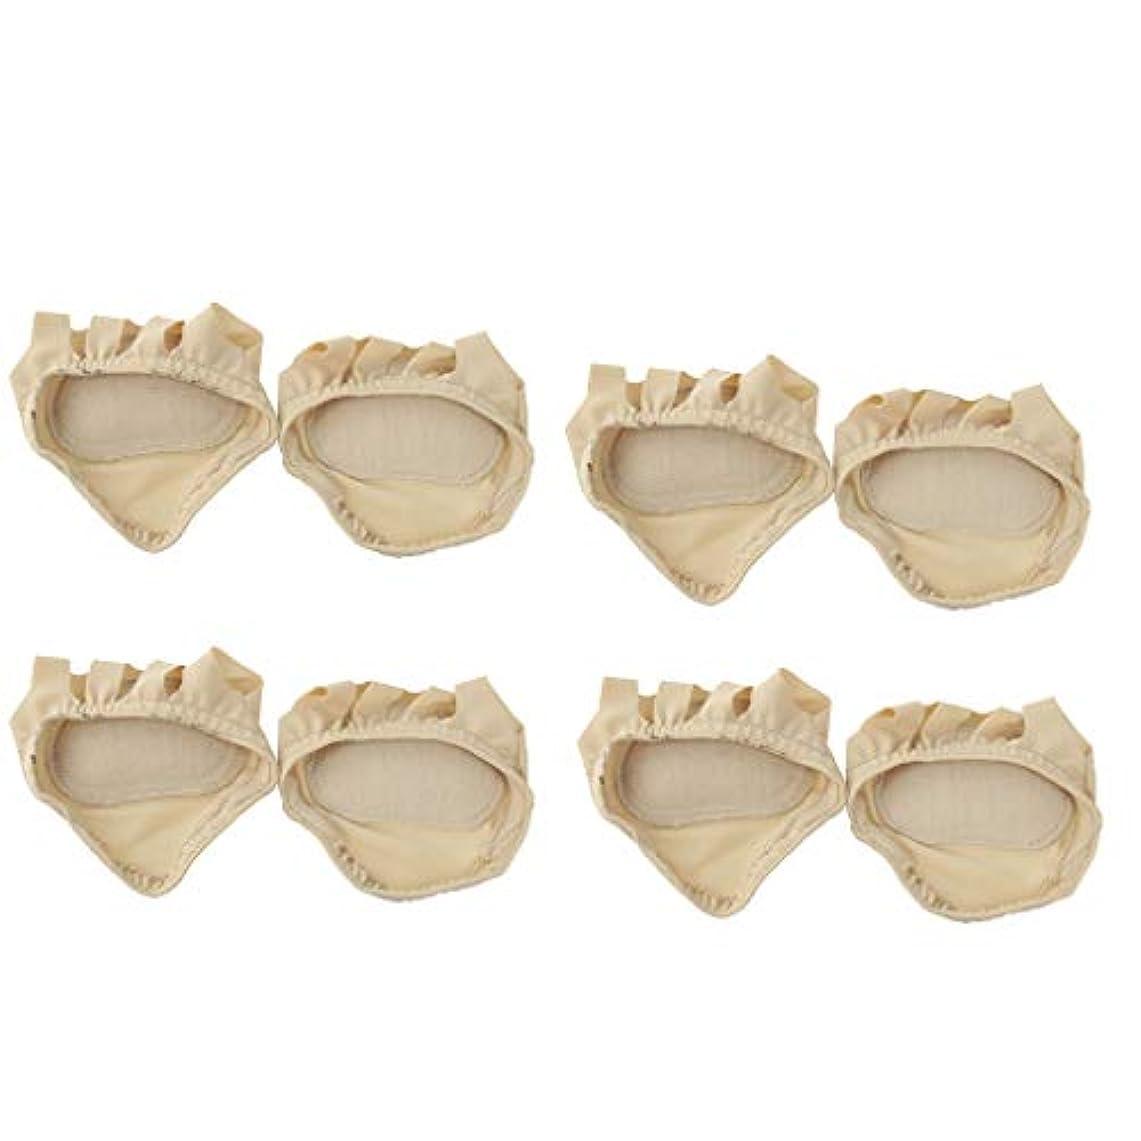 薄汚い地殻ターゲットdailymall 4ペア中足パッドセットジェルフットクッションボールフットクッションパッドfor腱膜瘤フォアフットクッションリリーフ